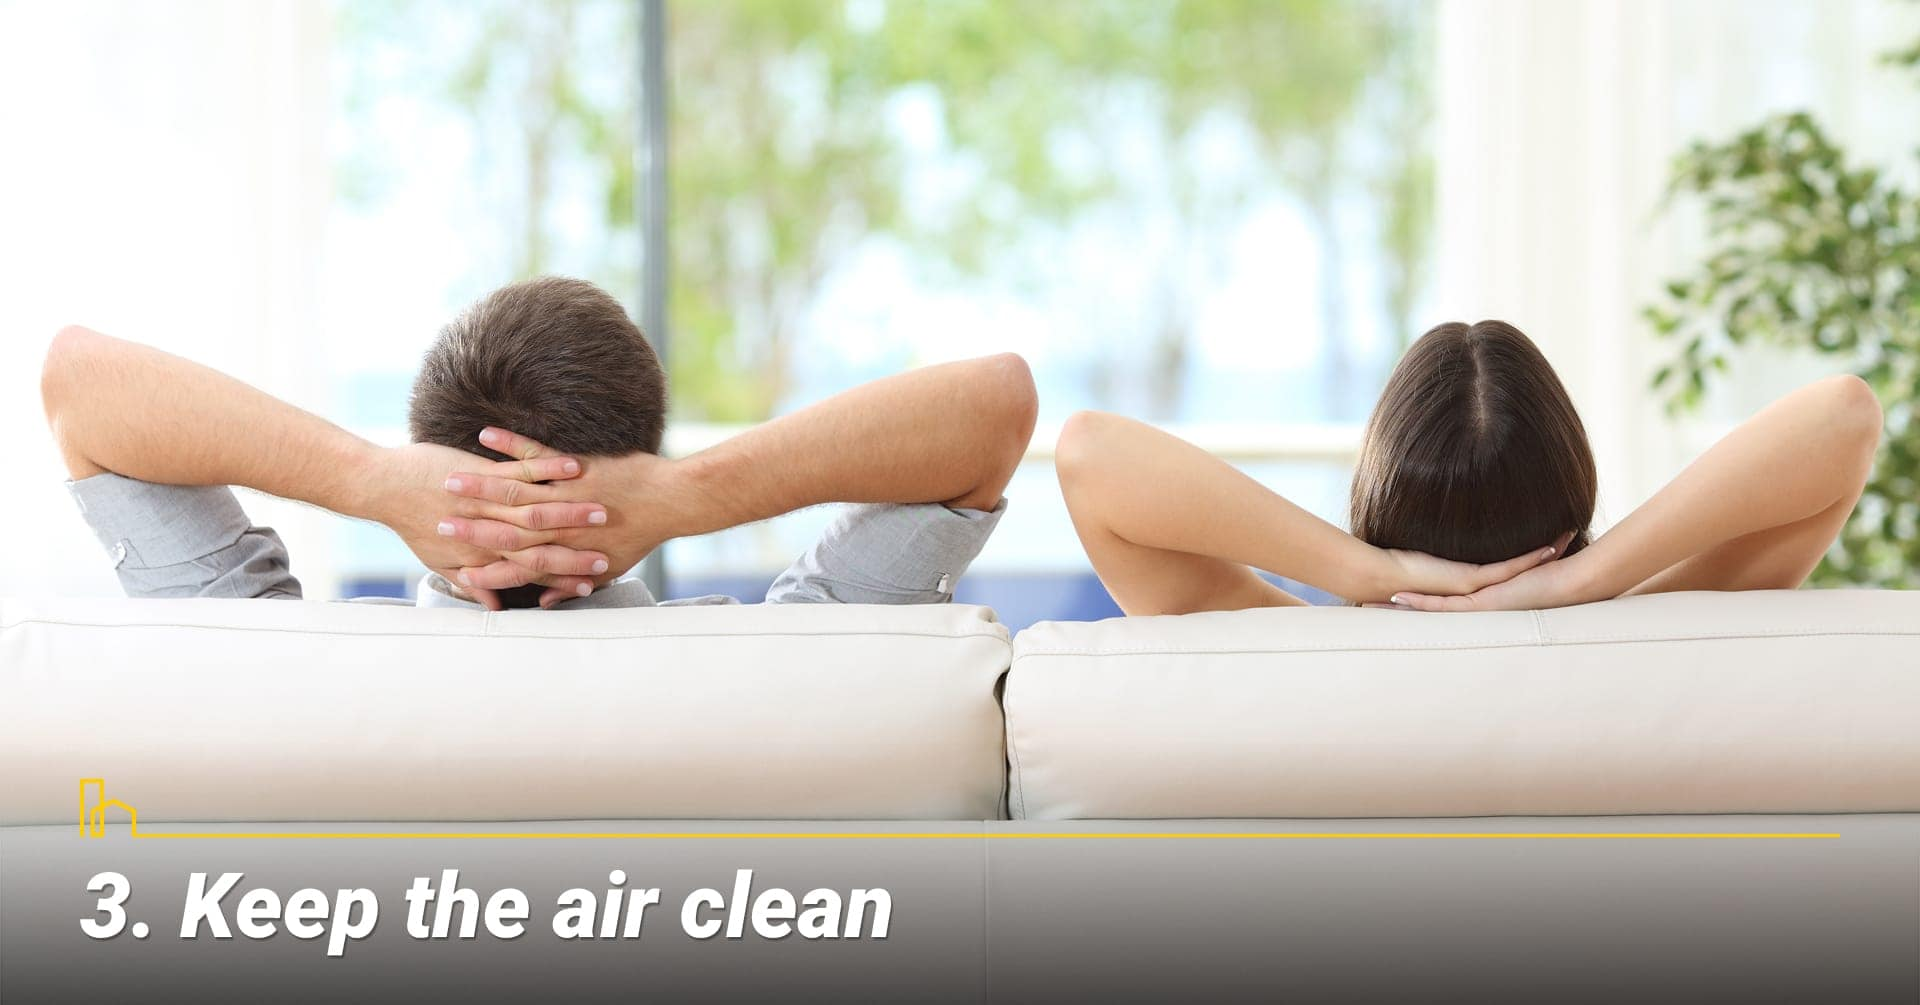 Keep the air clean, keep healthy air